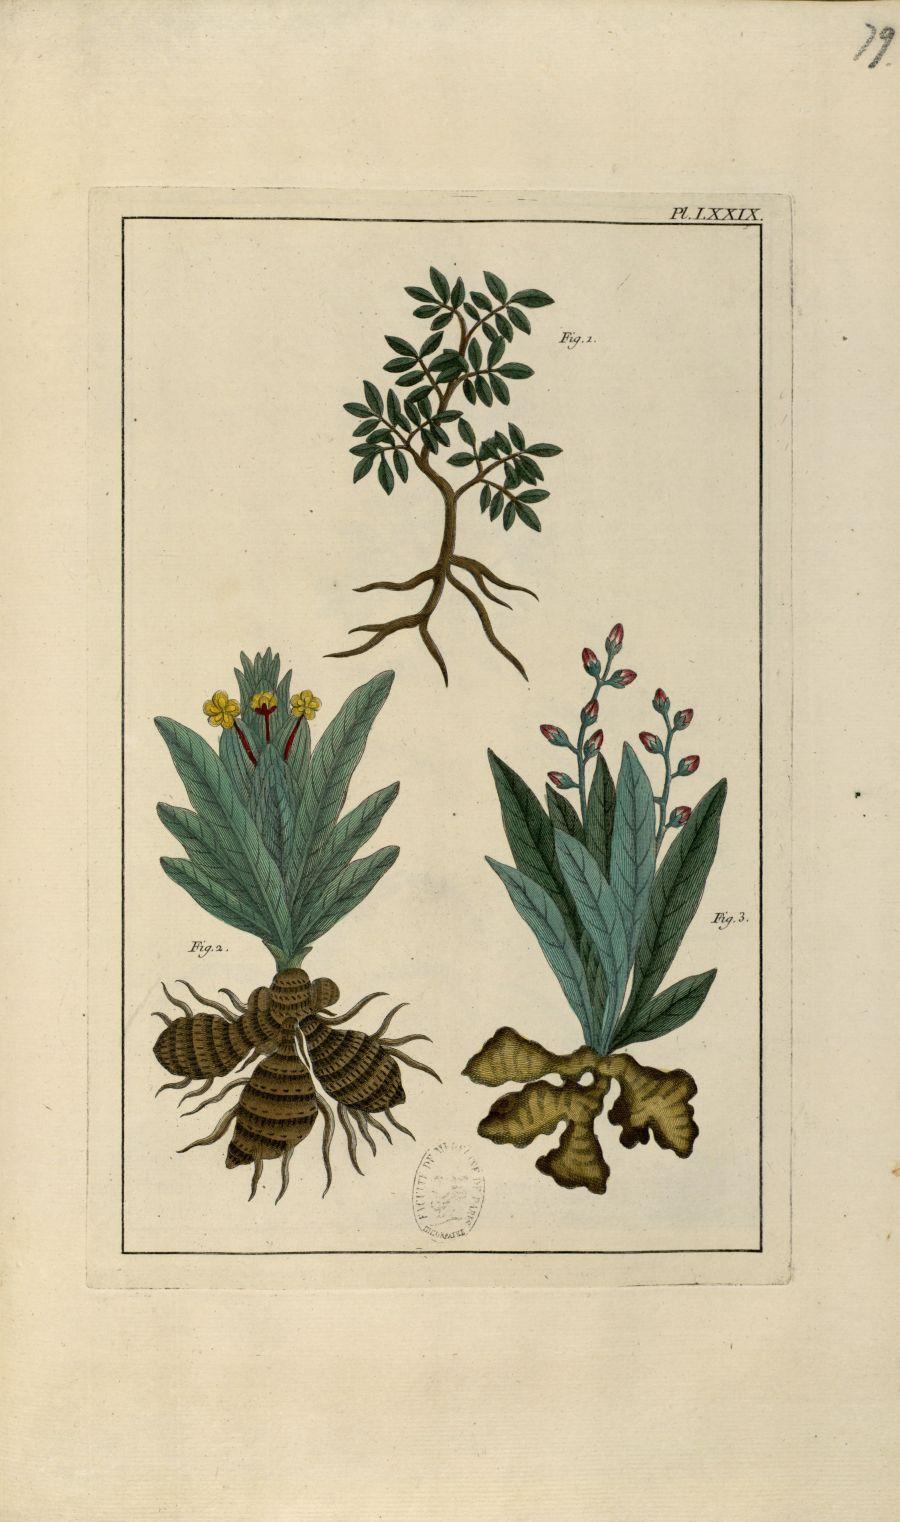 Planche LXXIX - Herbier ou collection des plantes médicinales de la Chine d'après un manuscrit peint [...] - Botanique. Plantes (médecine). Chine. 18e siècle - med01989x0082